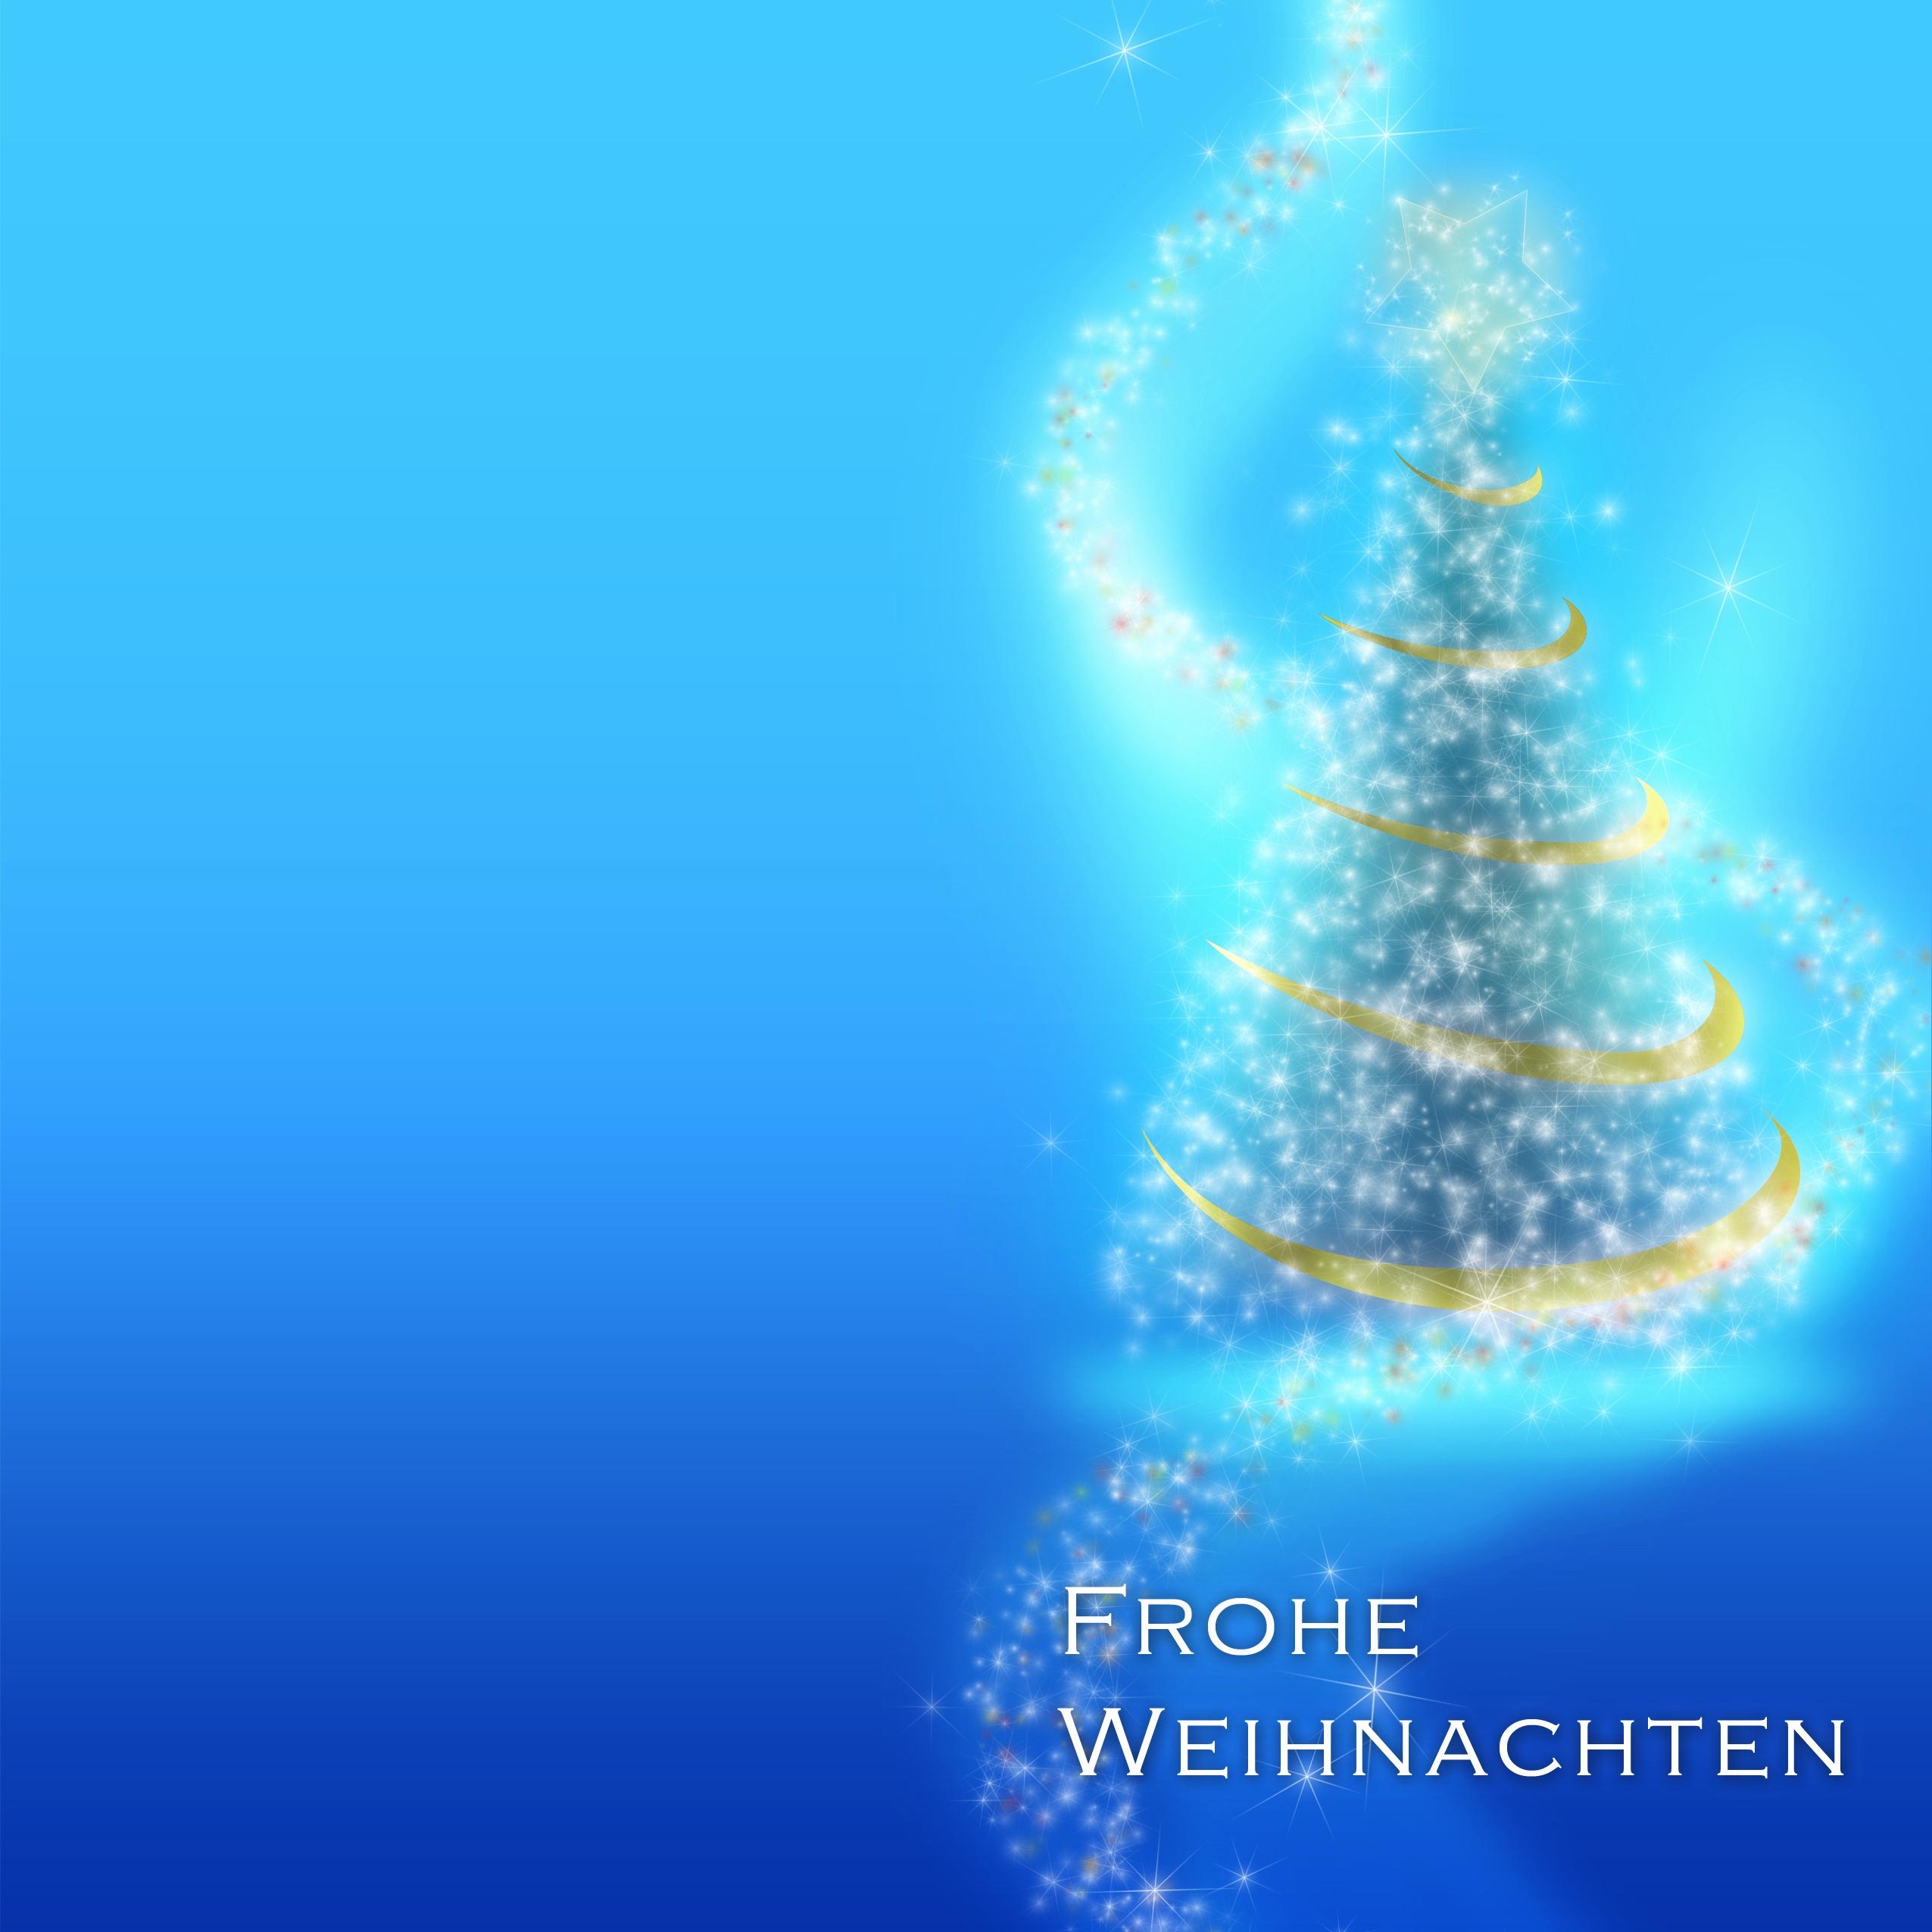 Briefpapier Weihnachten Kostenlos Ausdrucken Frisch Vorlagen über Weihnachtskarten Vorlage